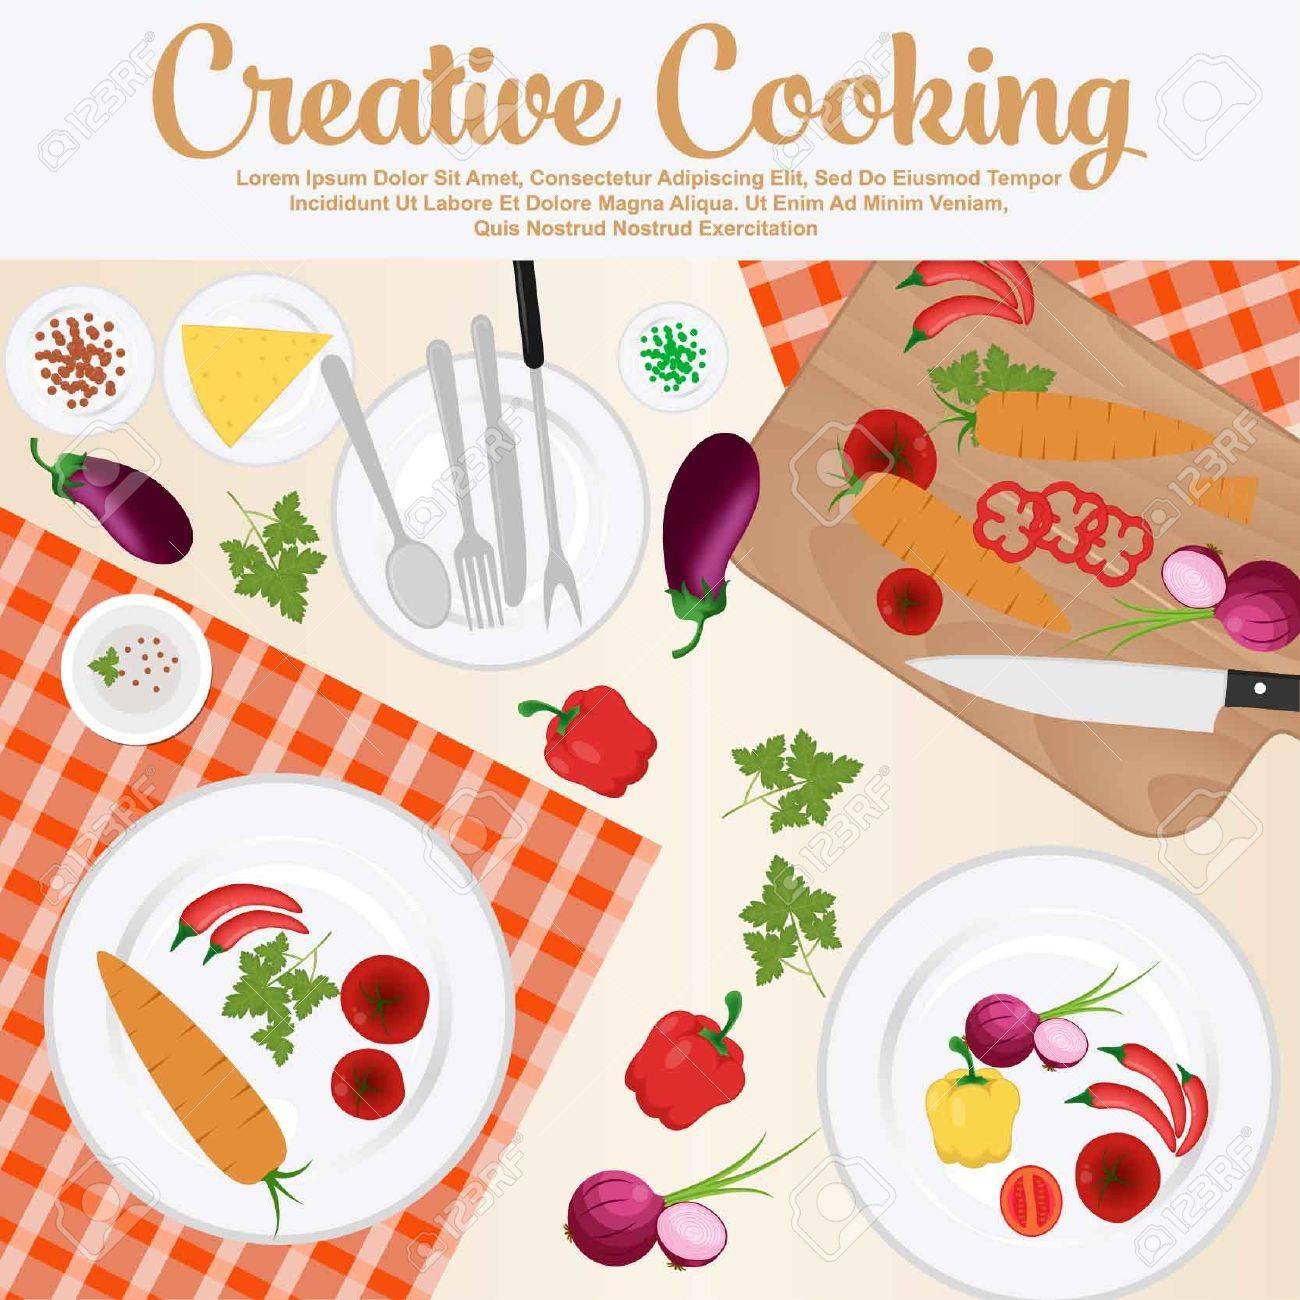 Diseño Del Cartel De La Cocina Creativa. Elementos E Iconos Para ...